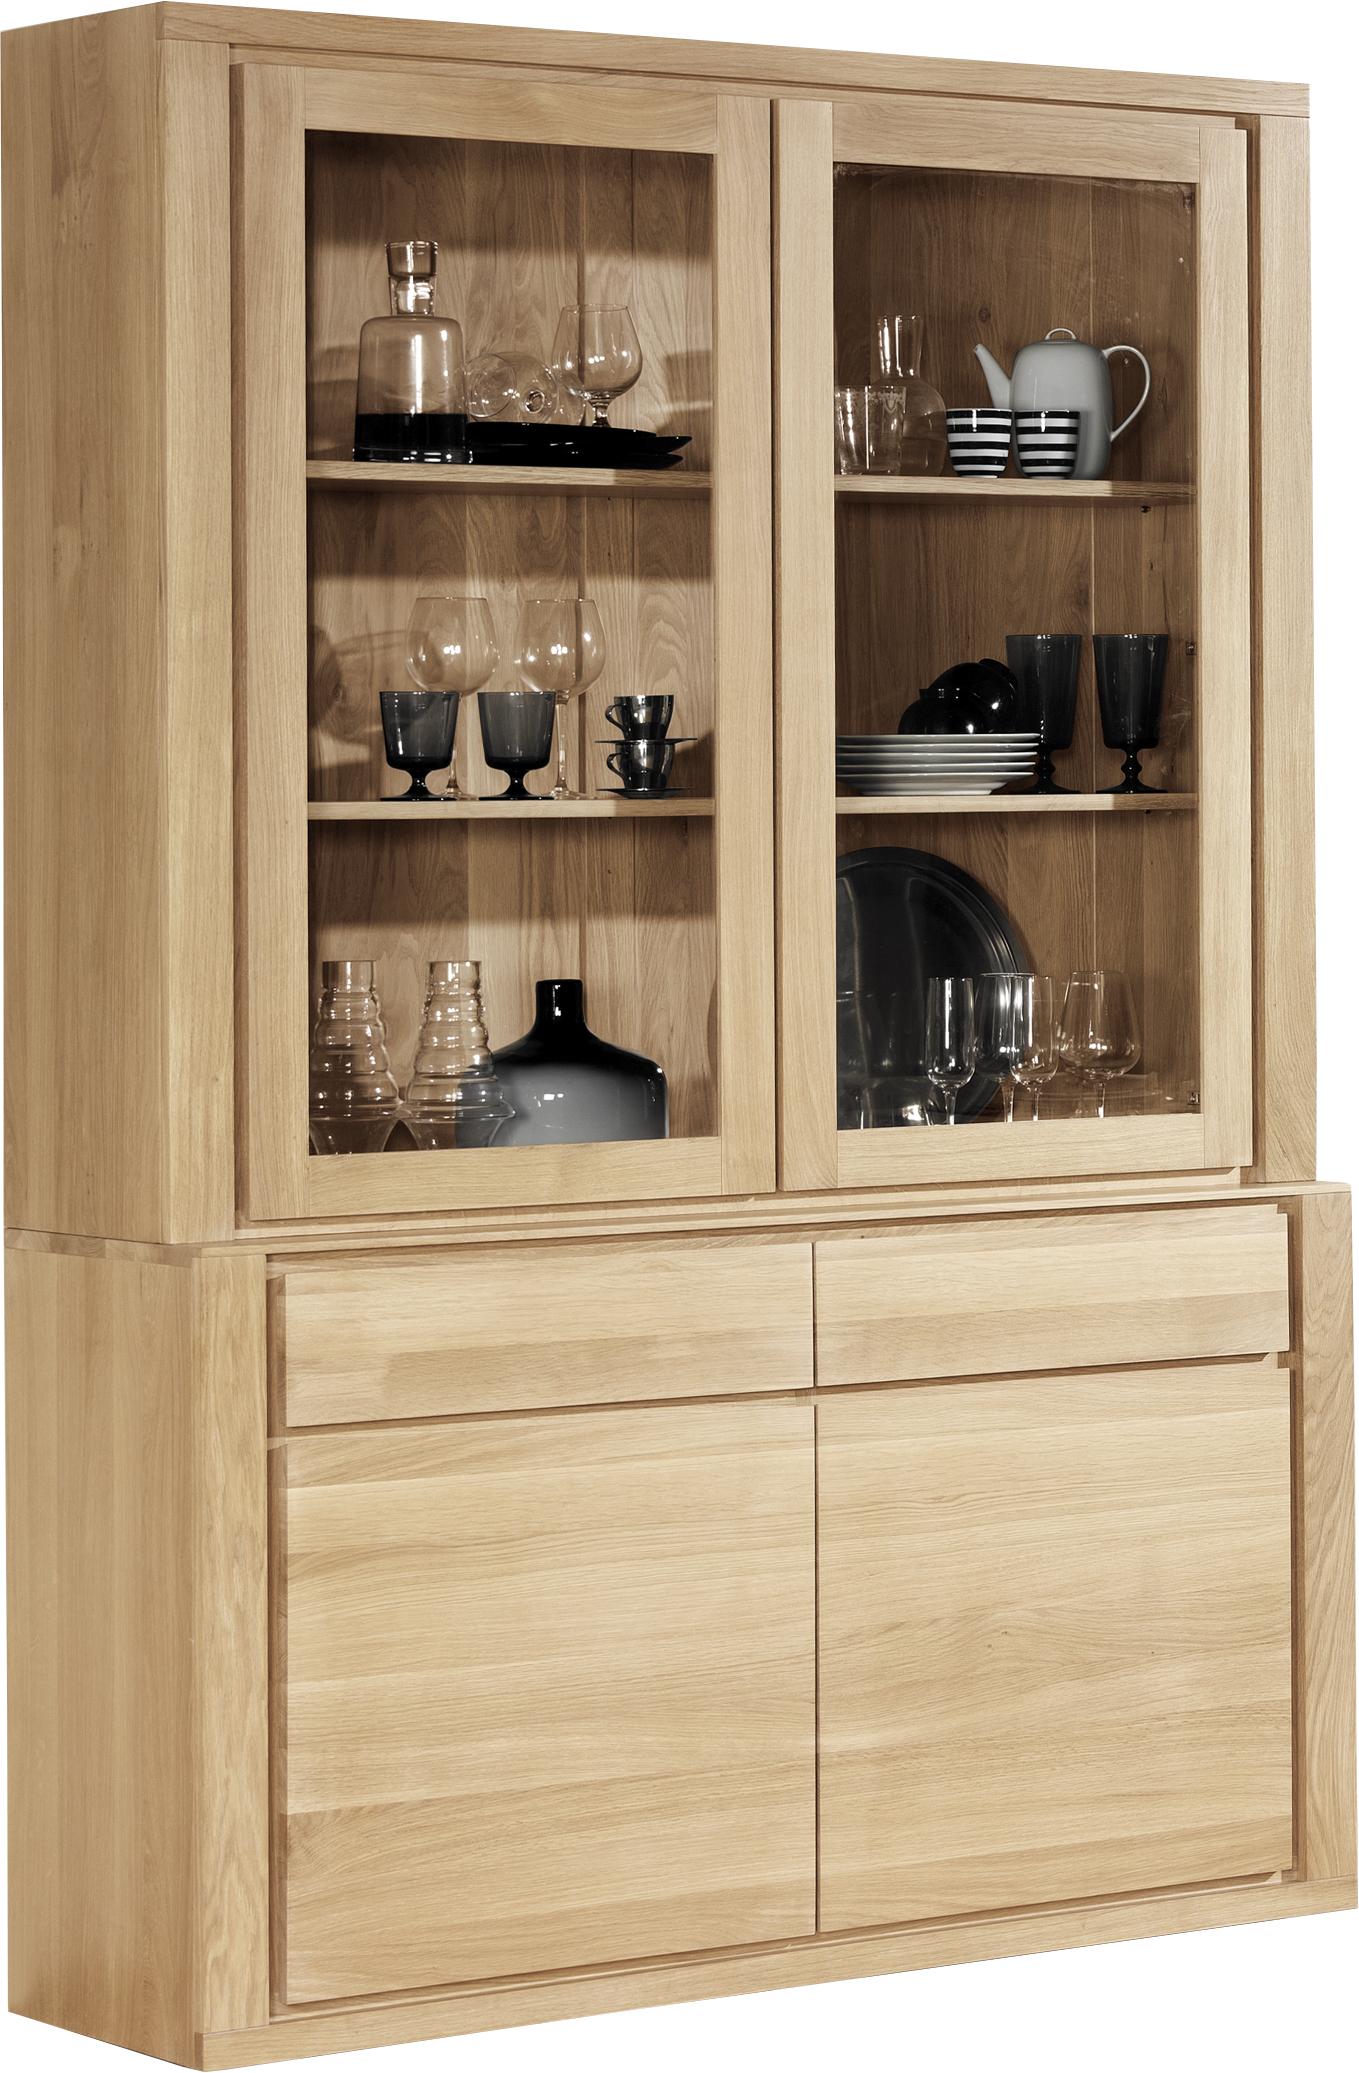 bahut de cuisine cool style ancien meuble bahut buffet. Black Bedroom Furniture Sets. Home Design Ideas